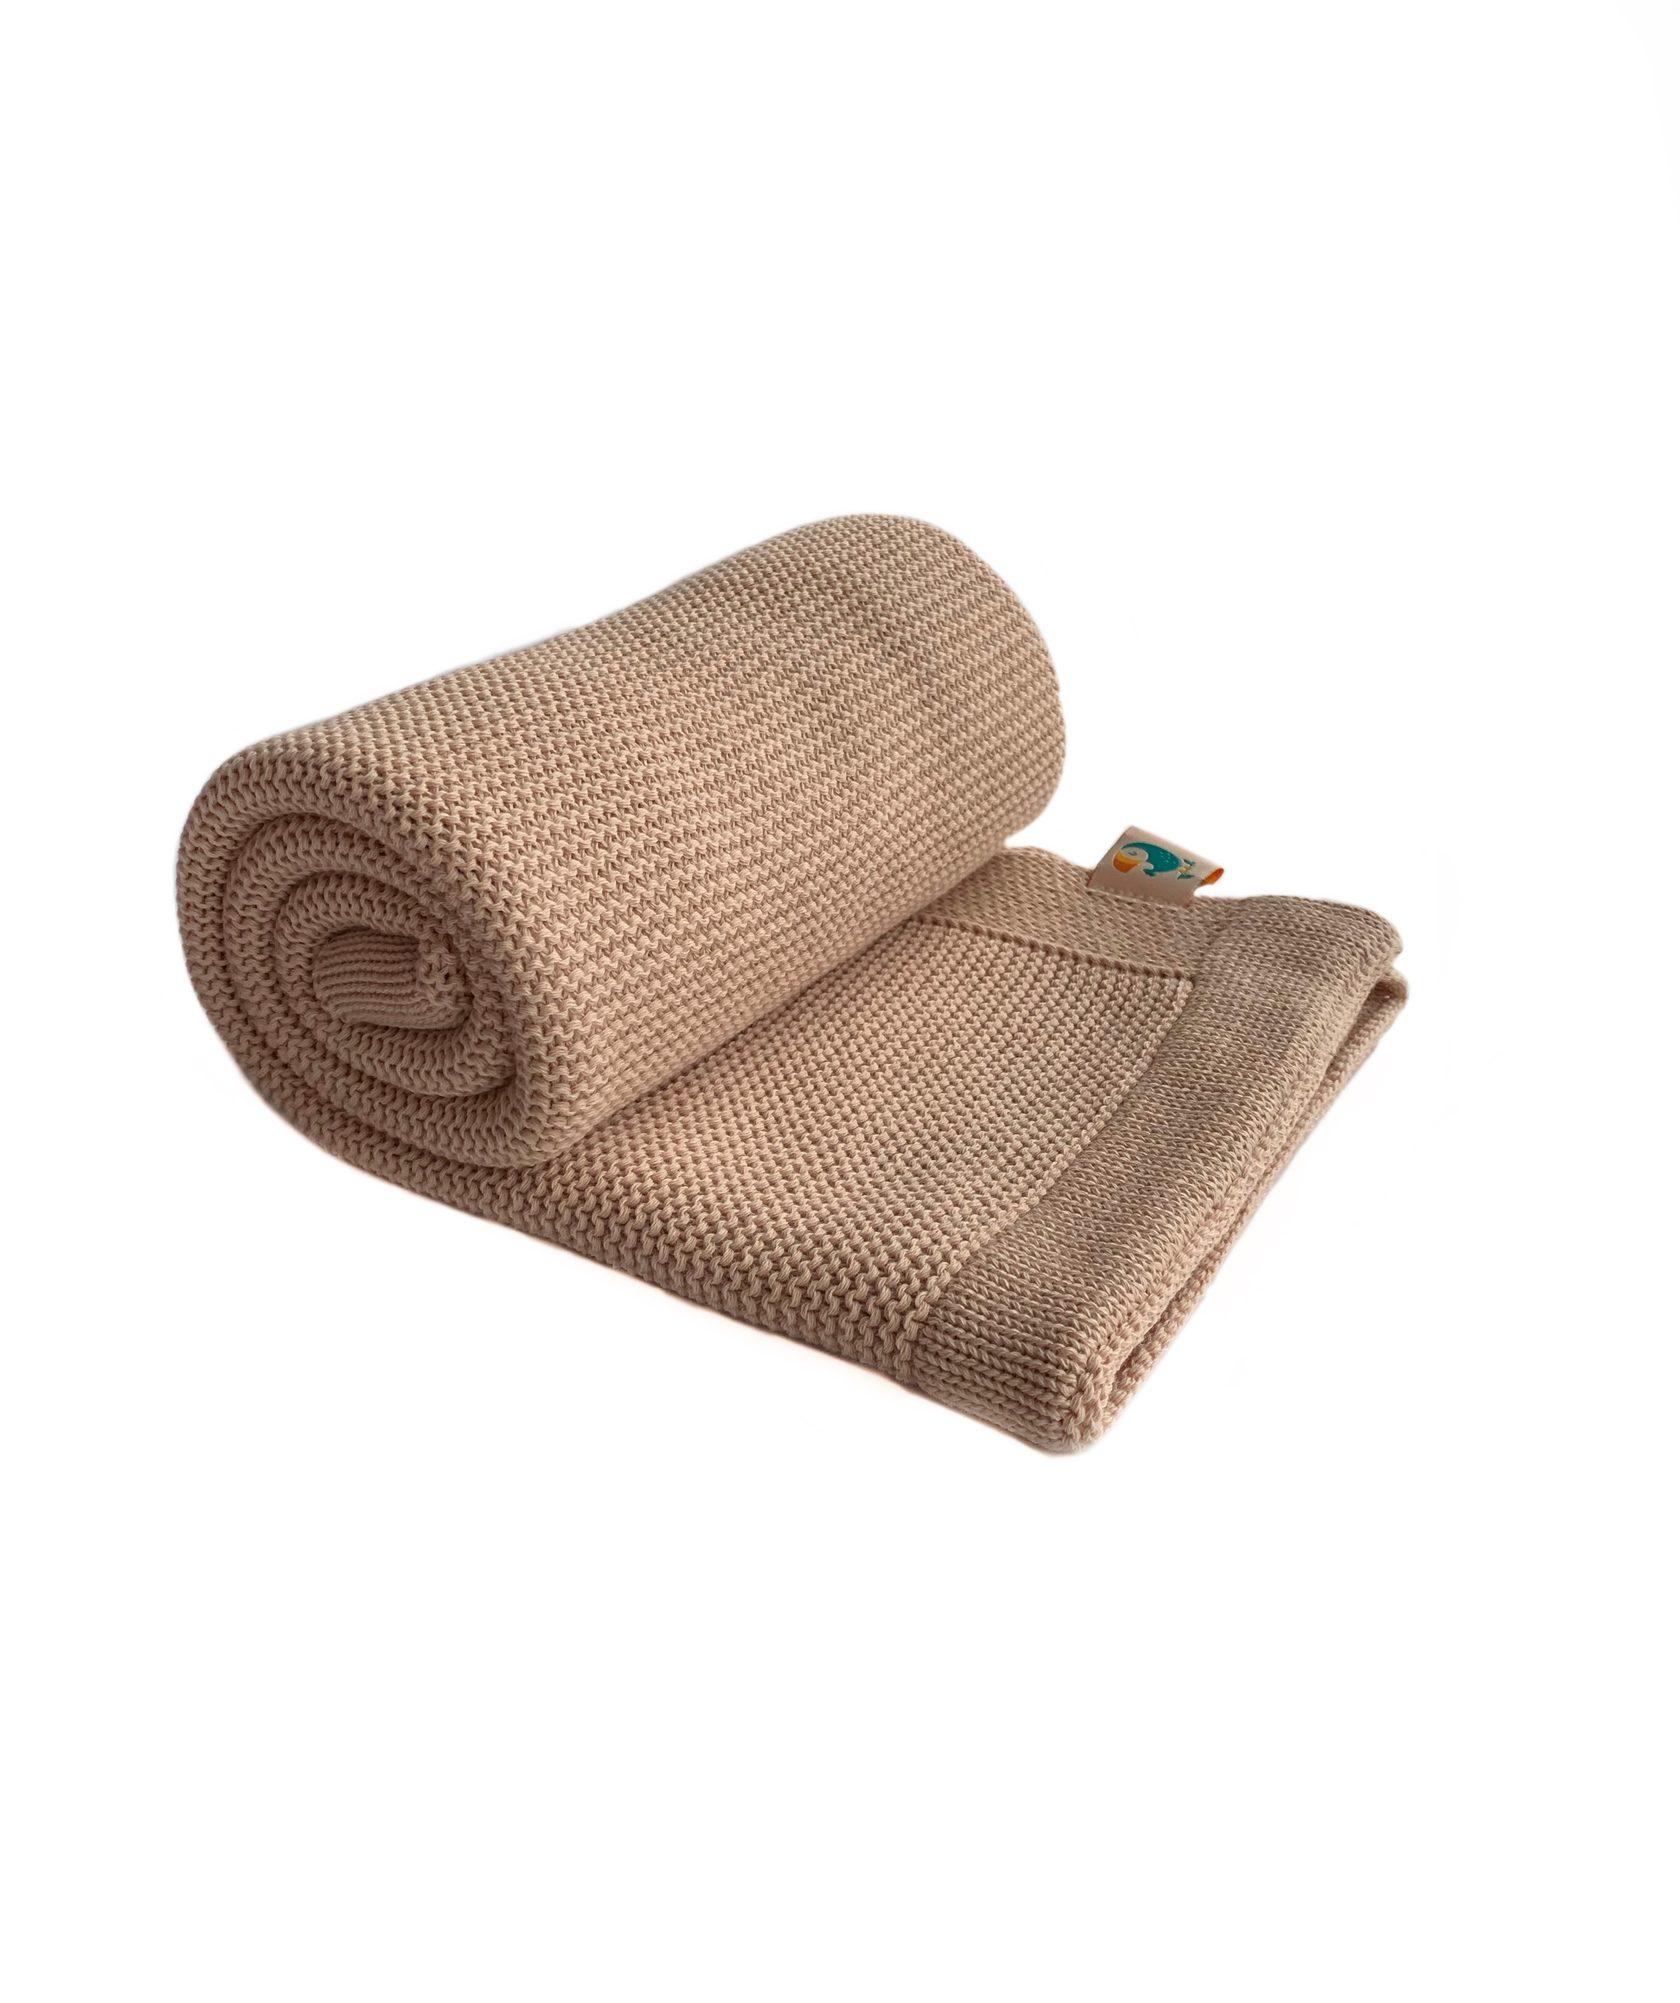 Хлопковый плед Classic песочный купить в интернет-магазине toucankids.ru от производителя по низкой цене